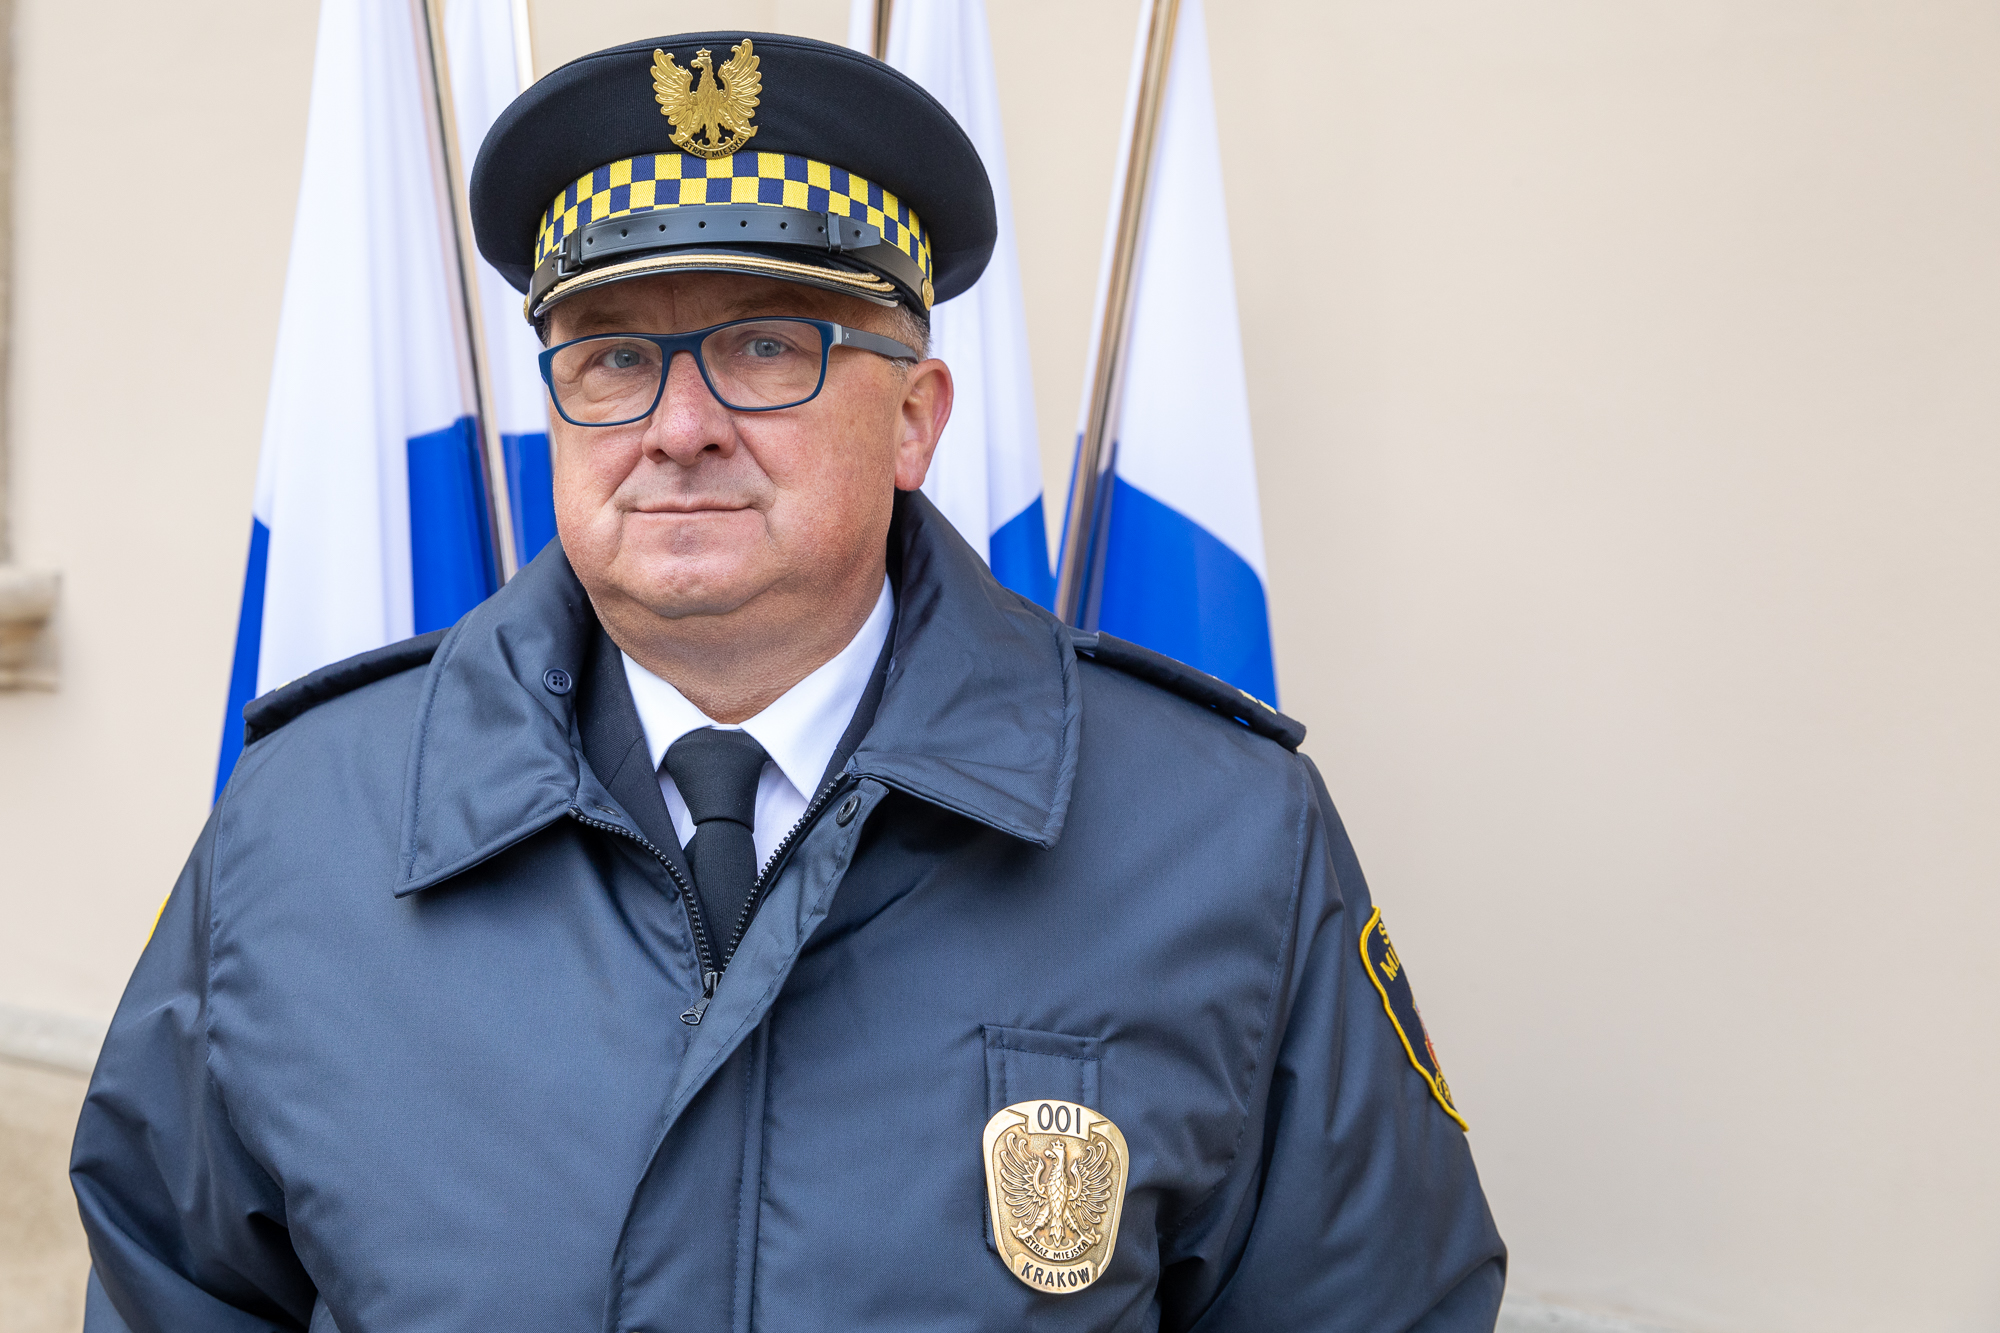 Nowy komendant Straży Miejskiej